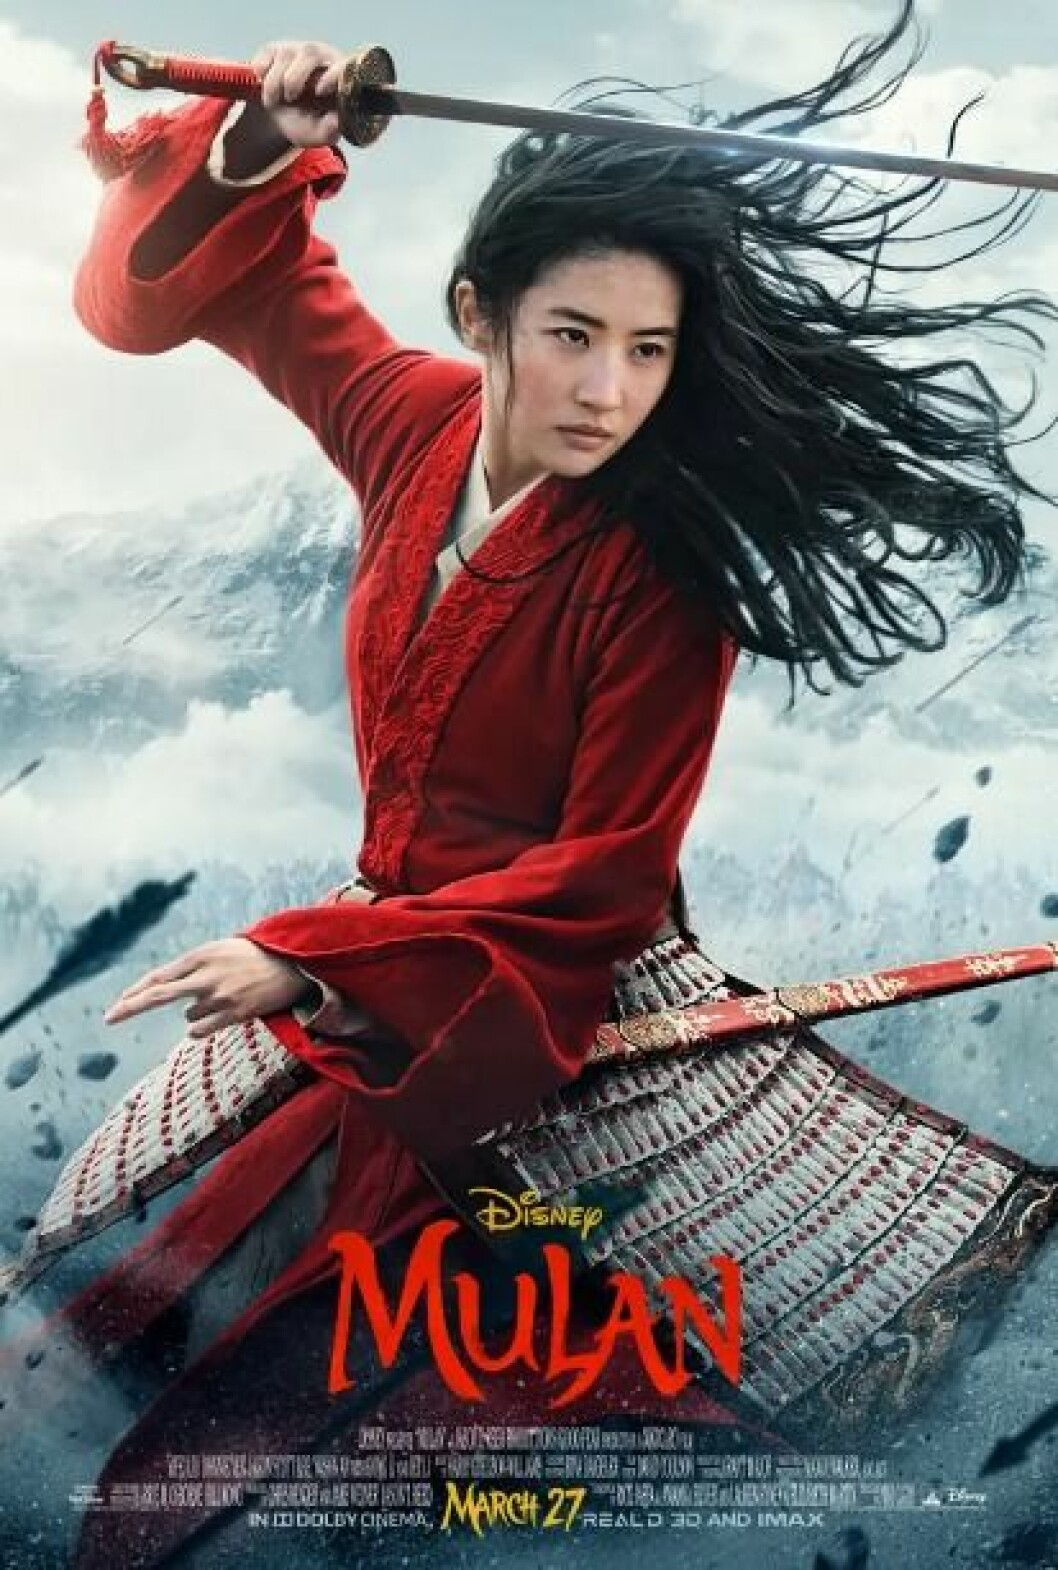 Mulan.